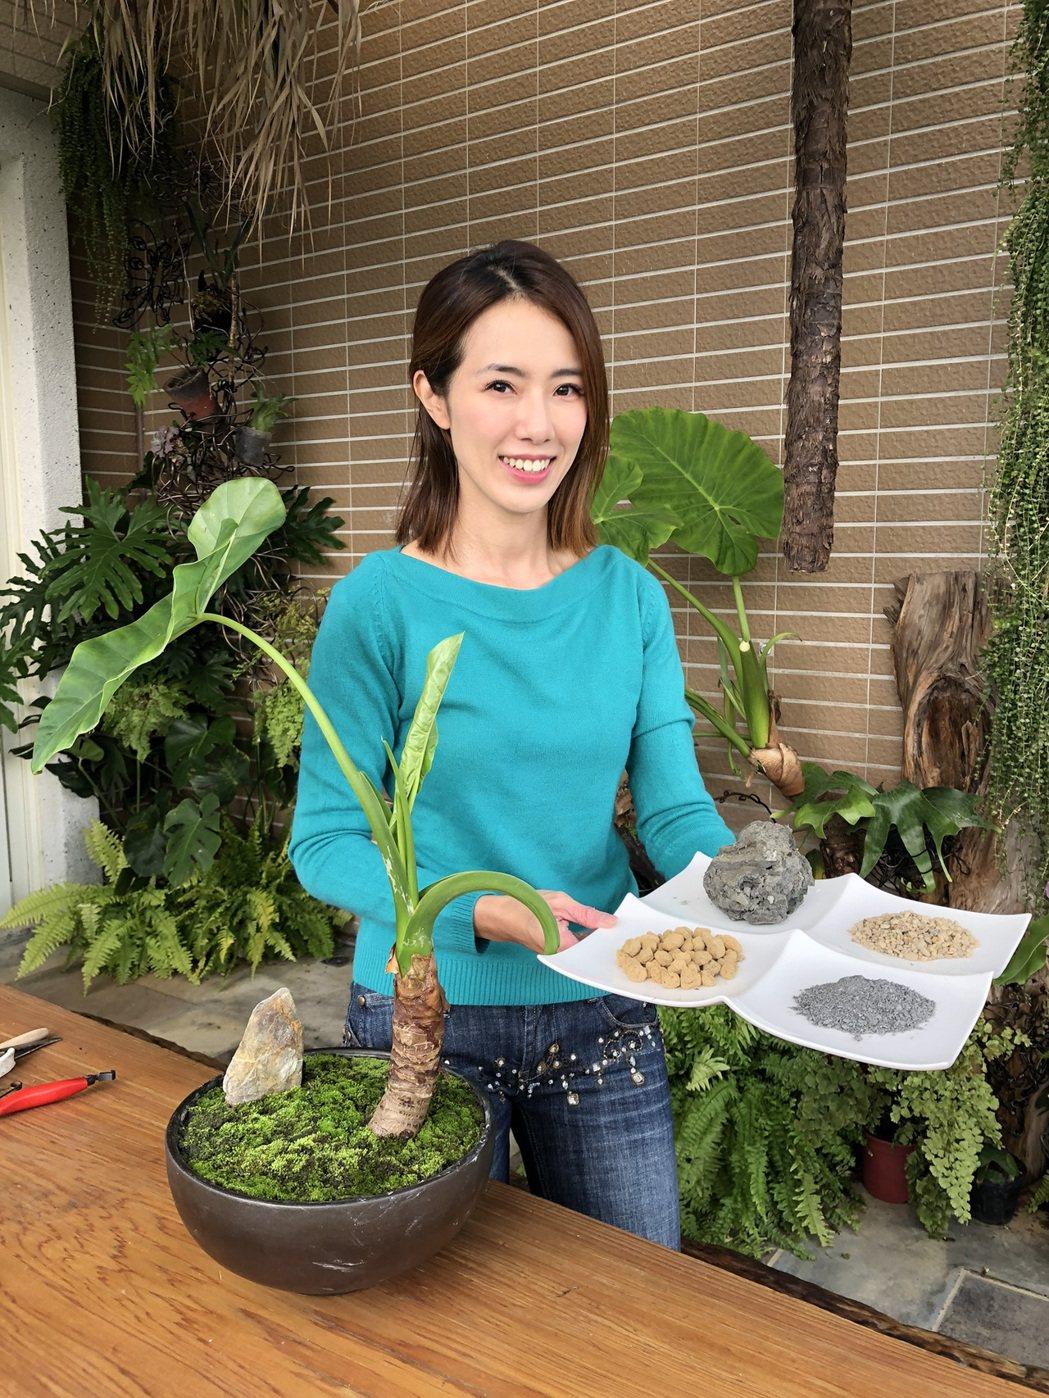 黃瑄學做造景盆栽。圖/民視提供